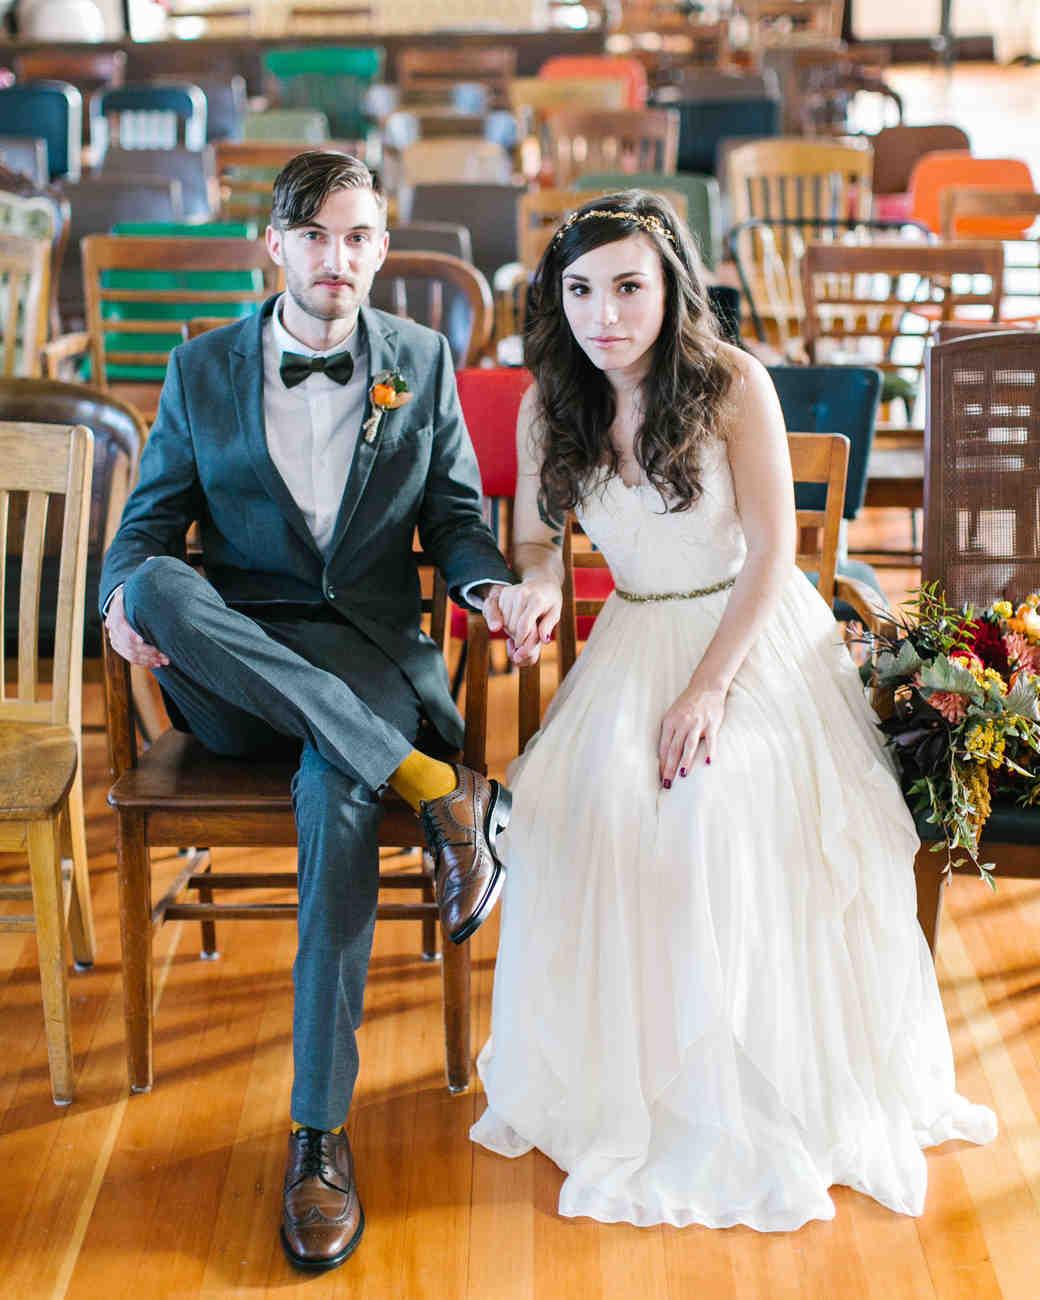 marguerita-aaron-wedding-couple-132-s111848-0214.jpg